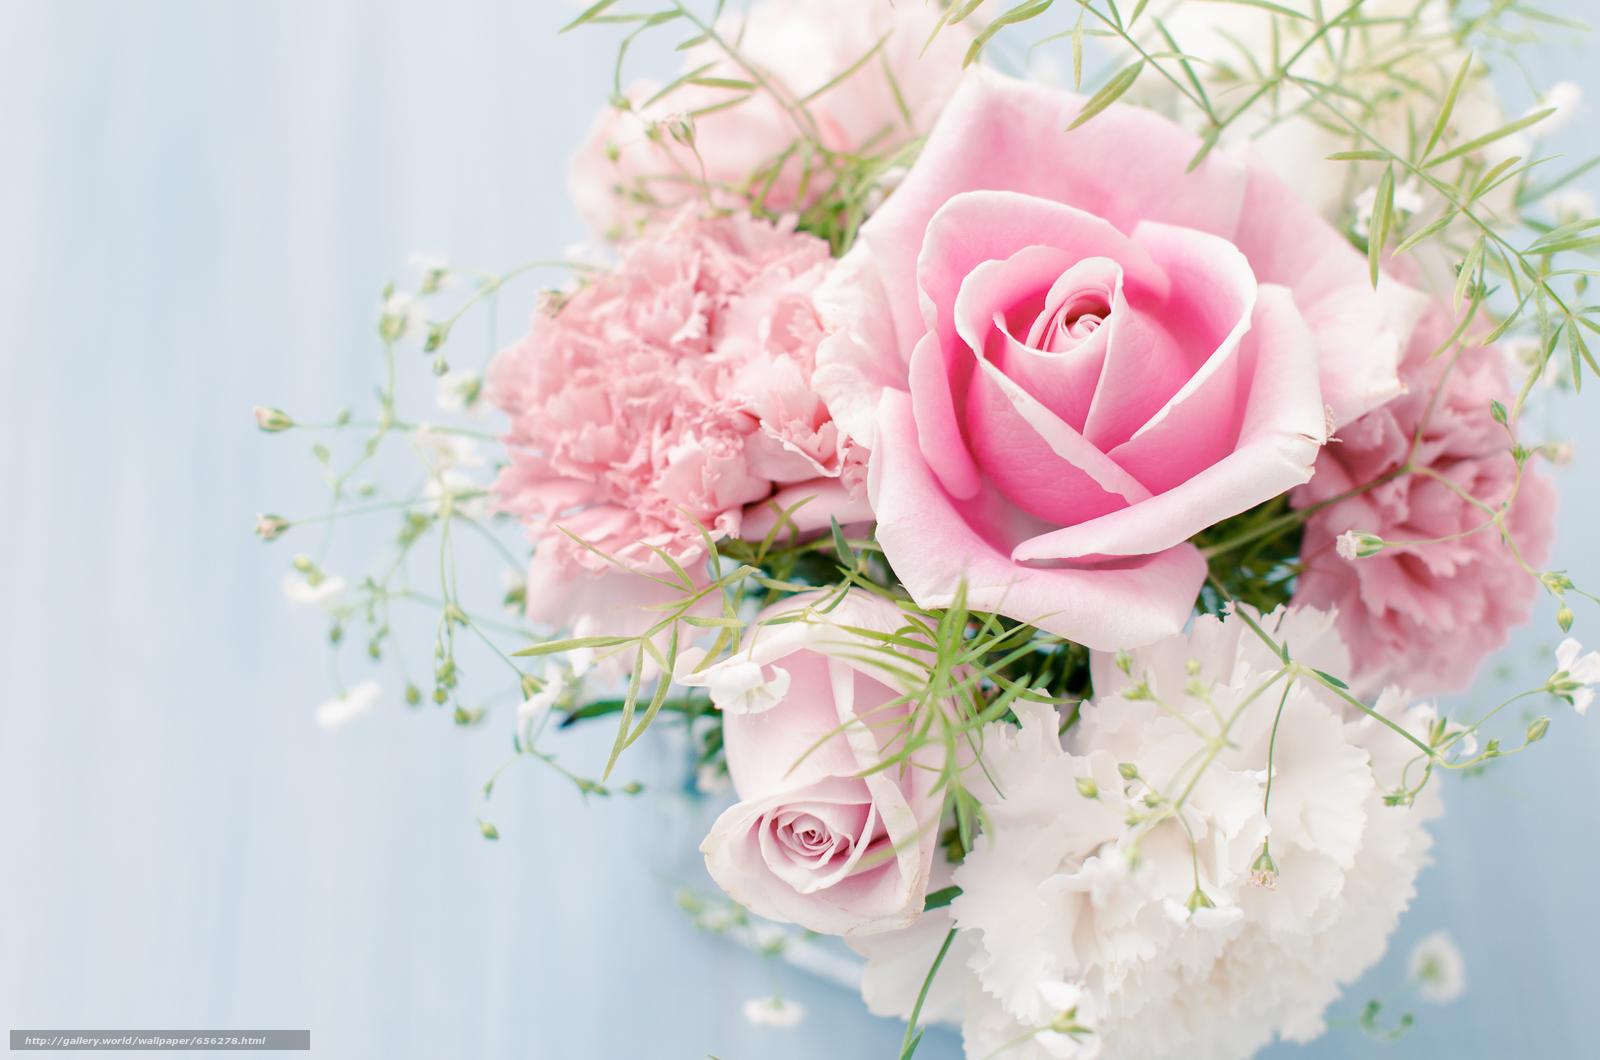 Скачать обои обои от Kisenok,  розы,  розовые,  цветы бесплатно для рабочего стола в разрешении 6040x4000 — картинка №656278